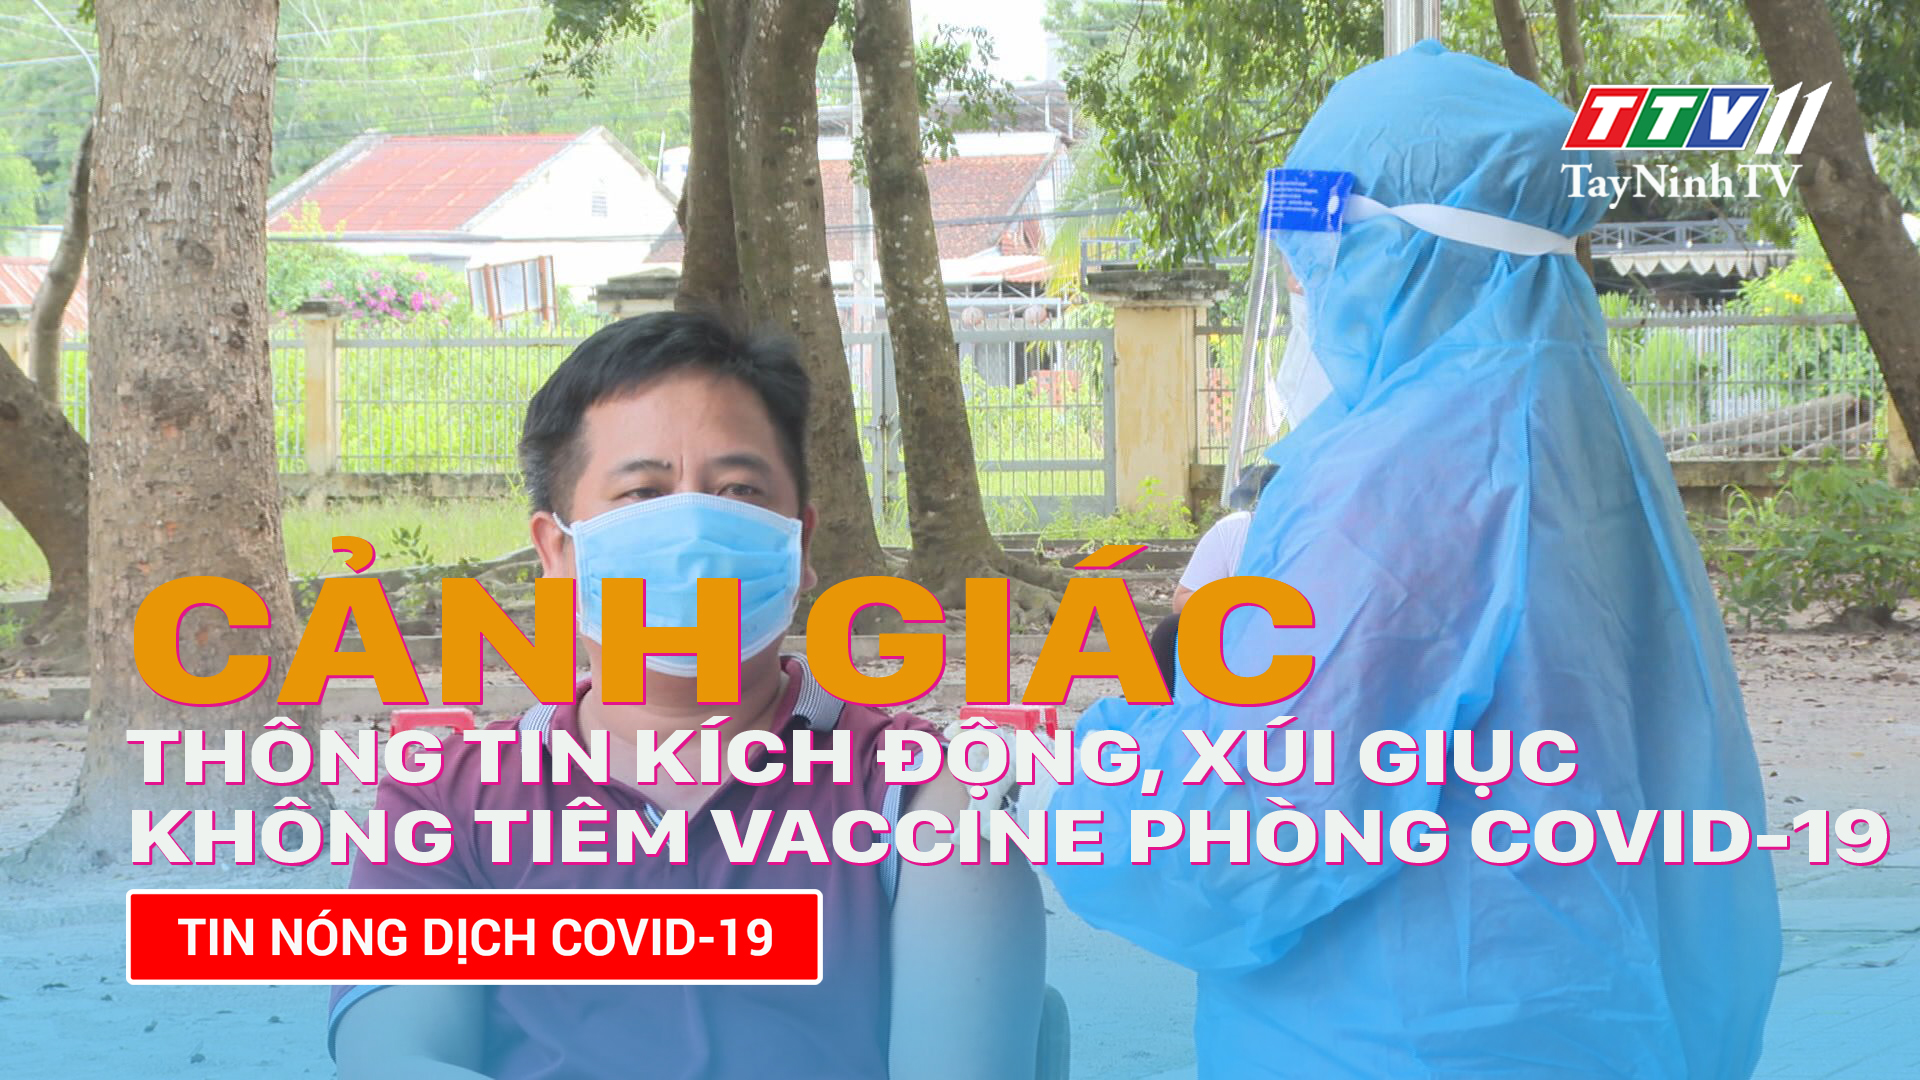 Cảnh giác trước những thông tin kích động, xúi giục không tiêm phòng vaccine Covid-19 | TayNinhTV